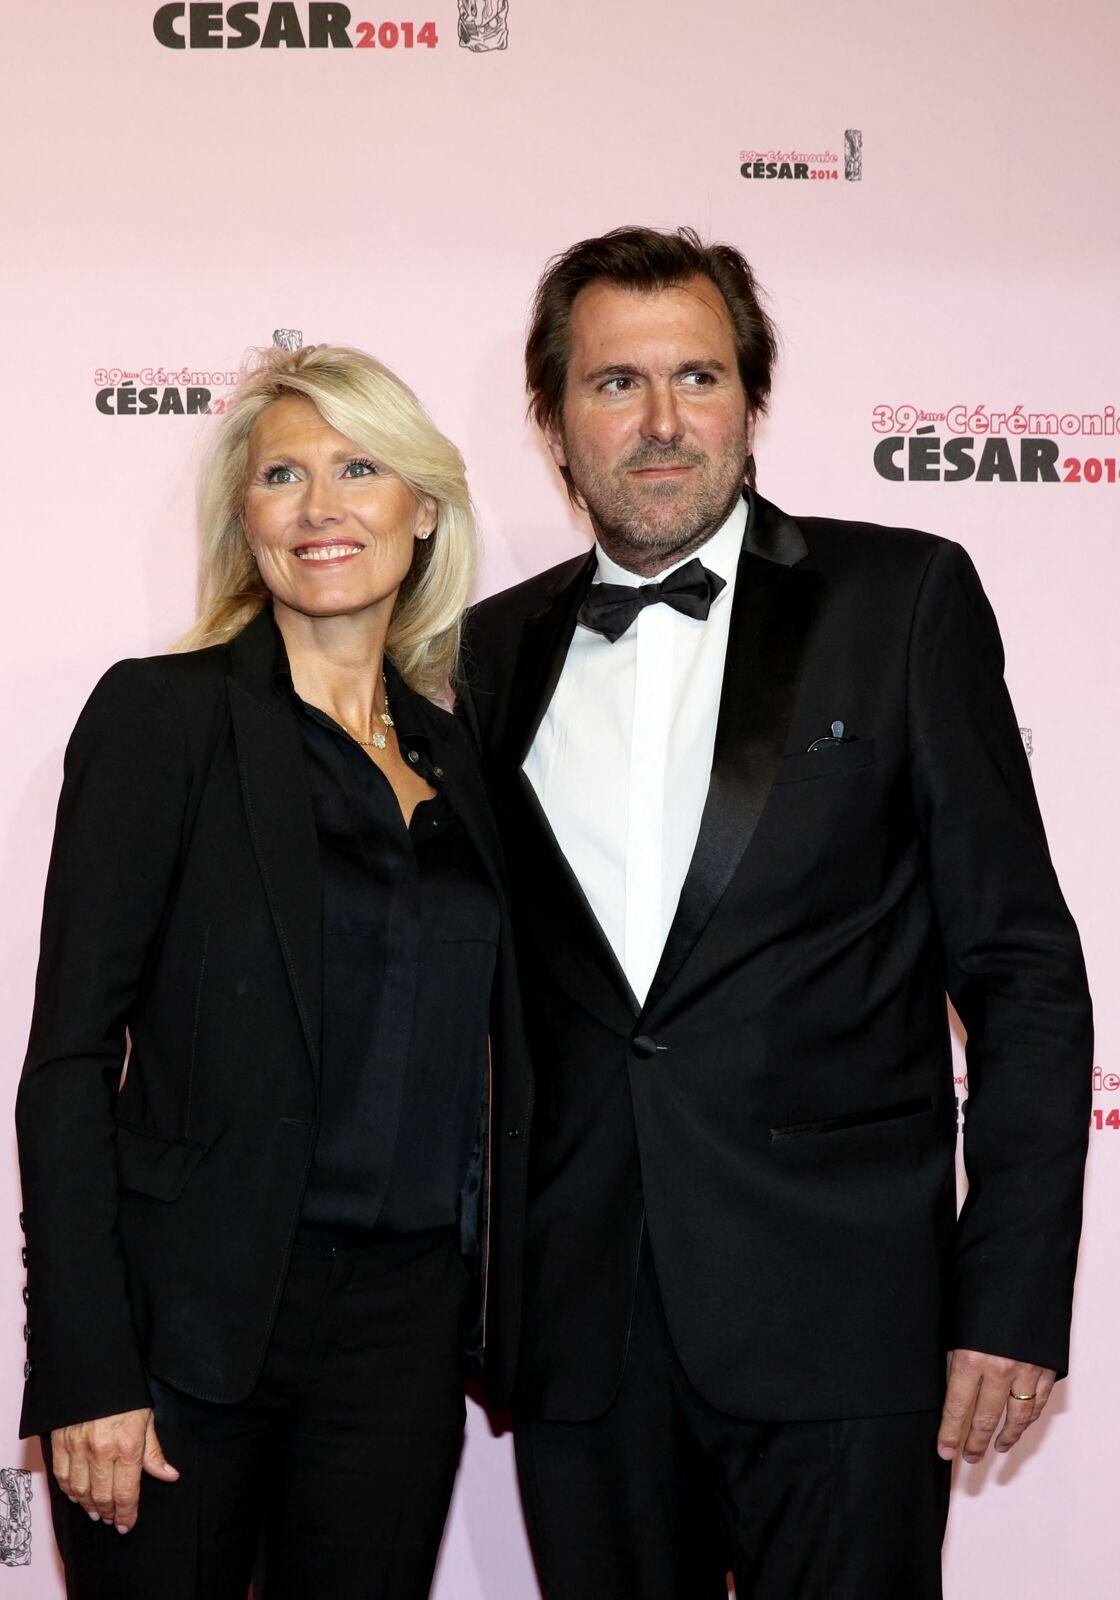 Marie Sara et son défunt mari le publicitaire Christophe Lambert, en 2014